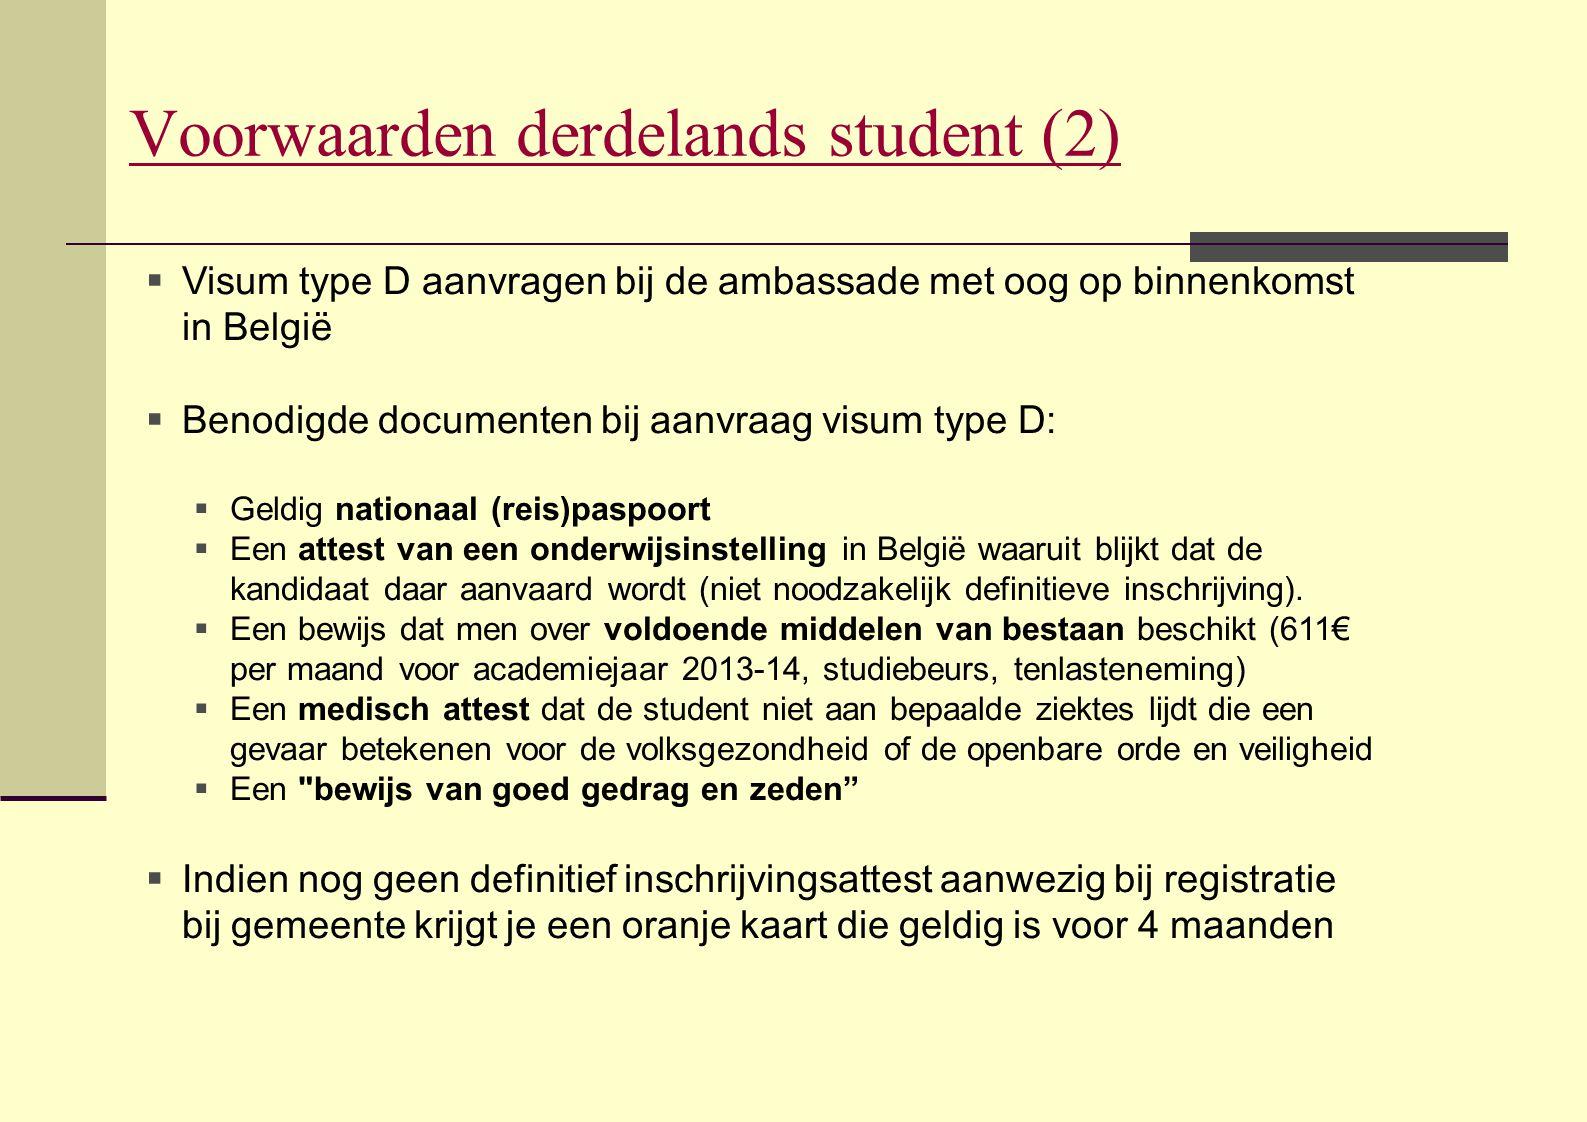 Voorwaarden derdelands student (2)